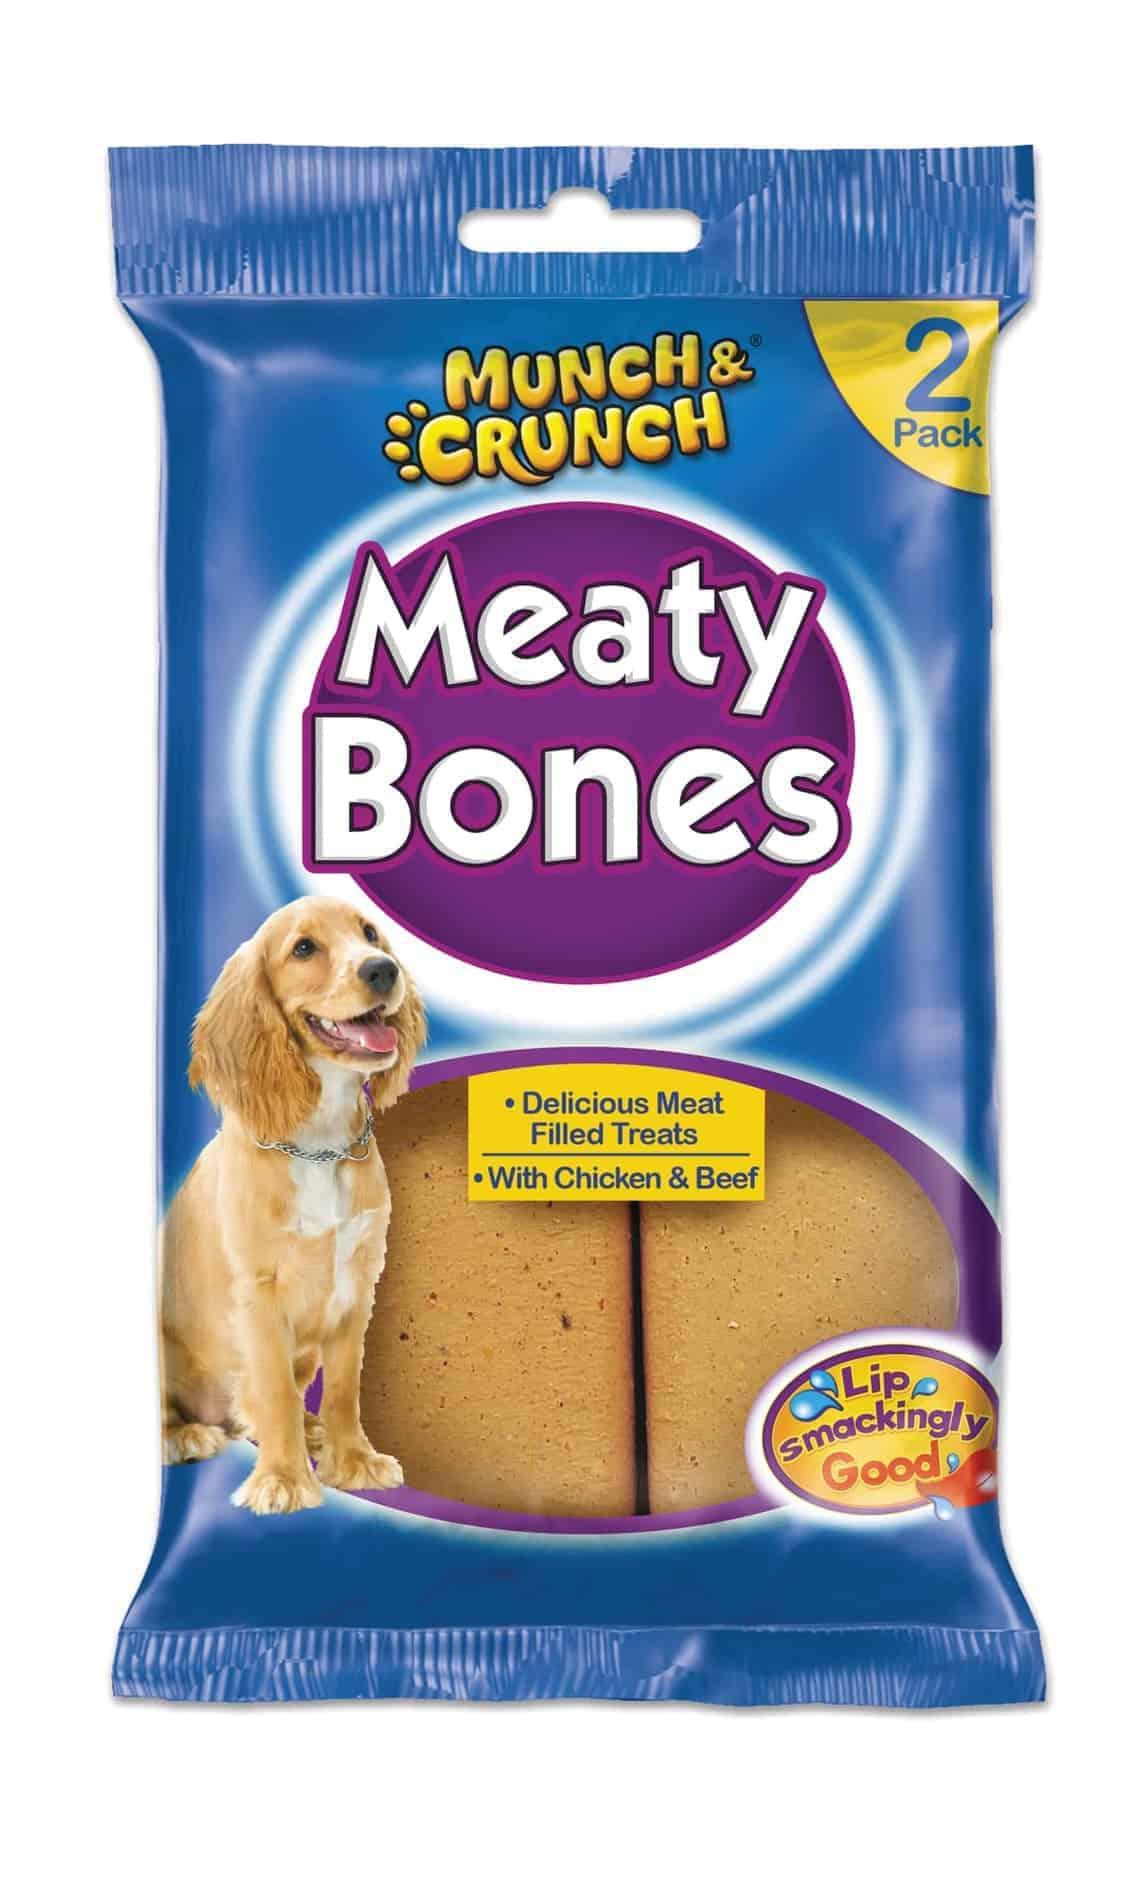 Munch Crunch 2PK Meaty Bones